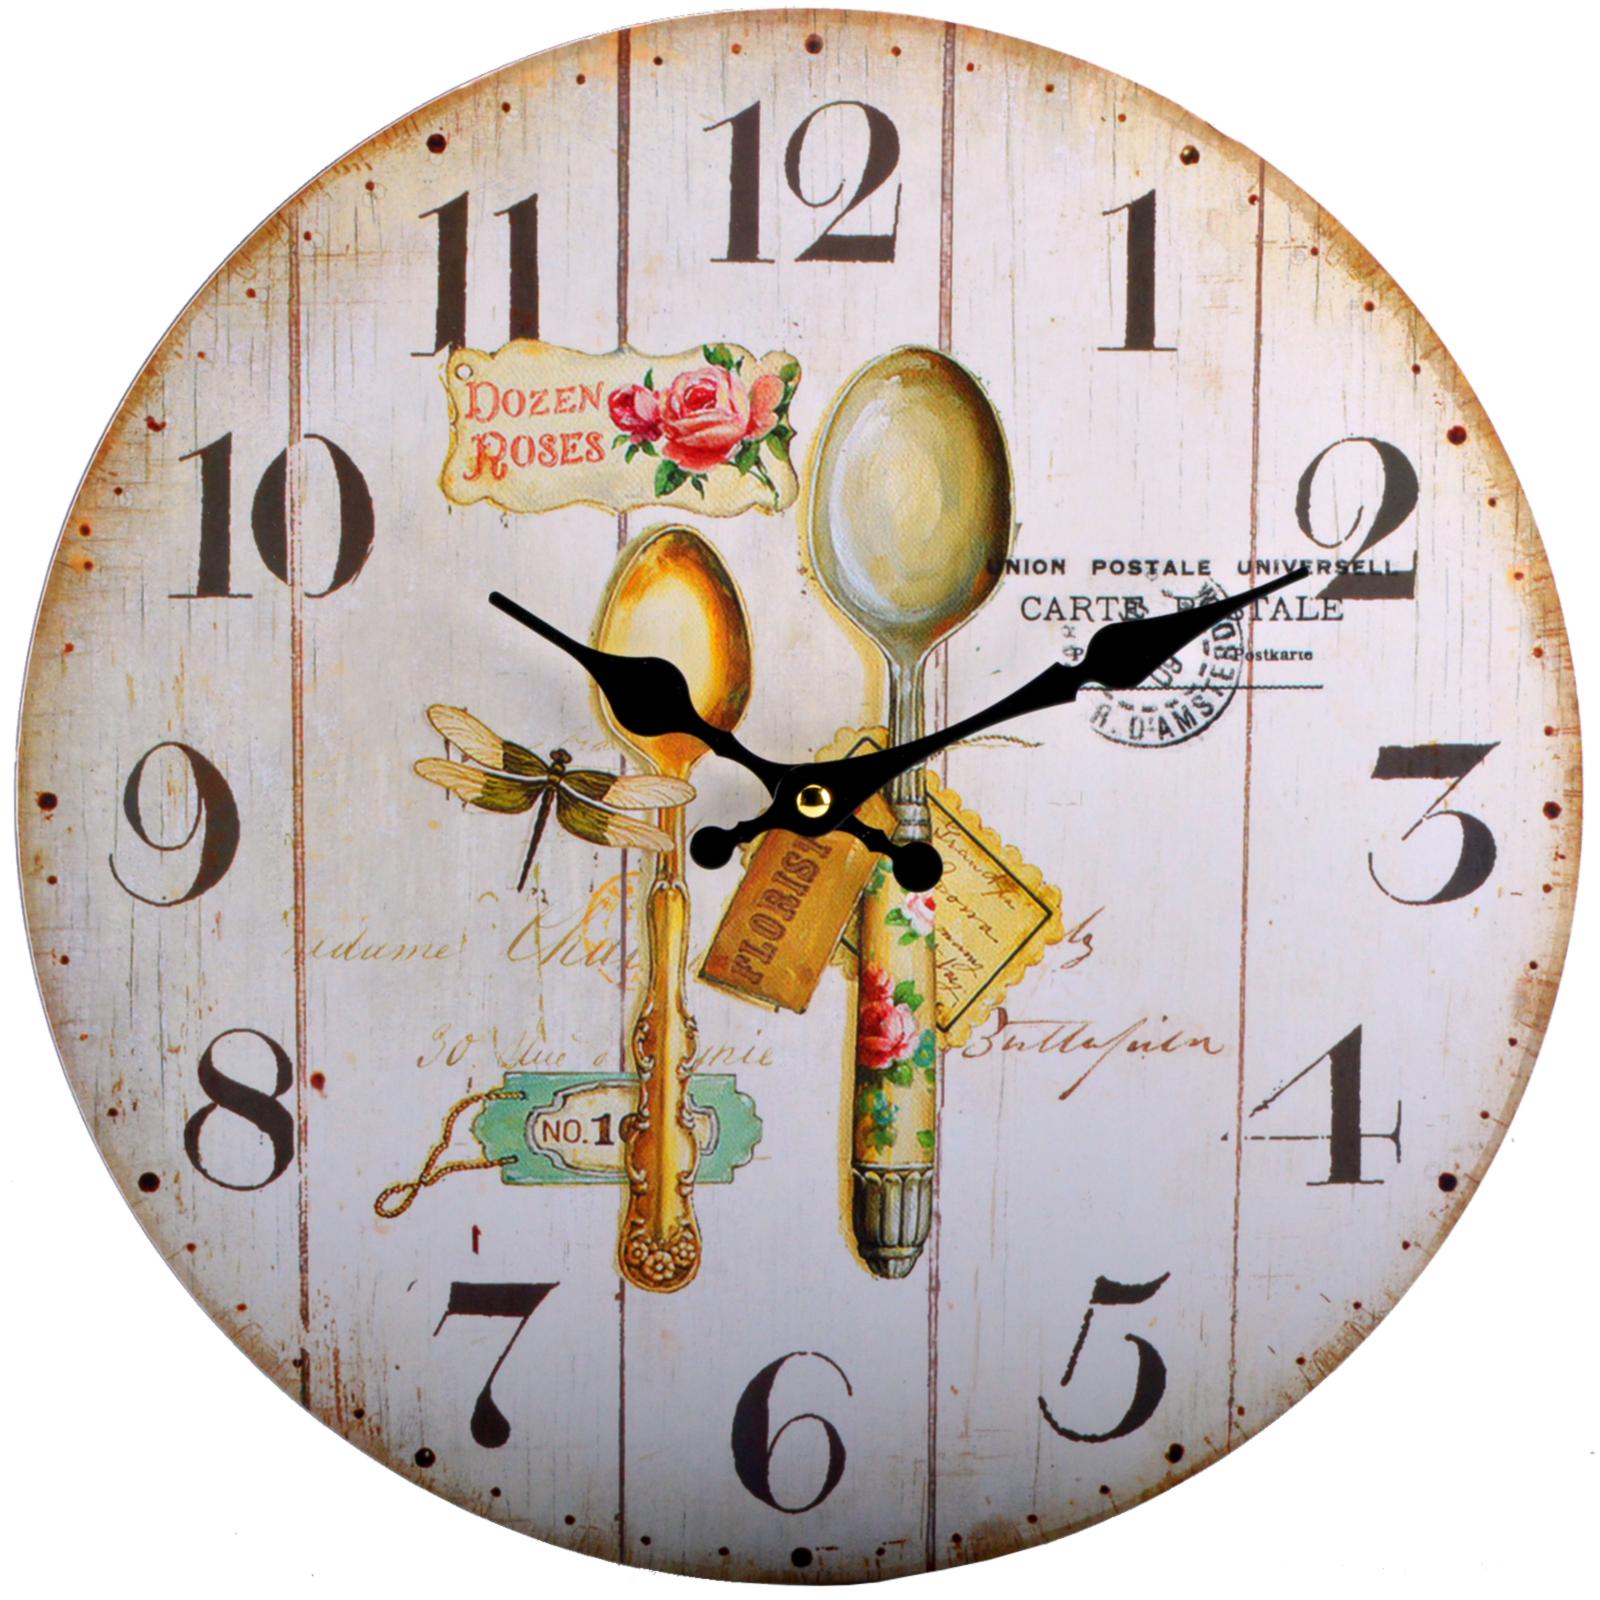 12 modelo relojes de pared casa campo madera cocina horas - Reloj de pared para cocina ...